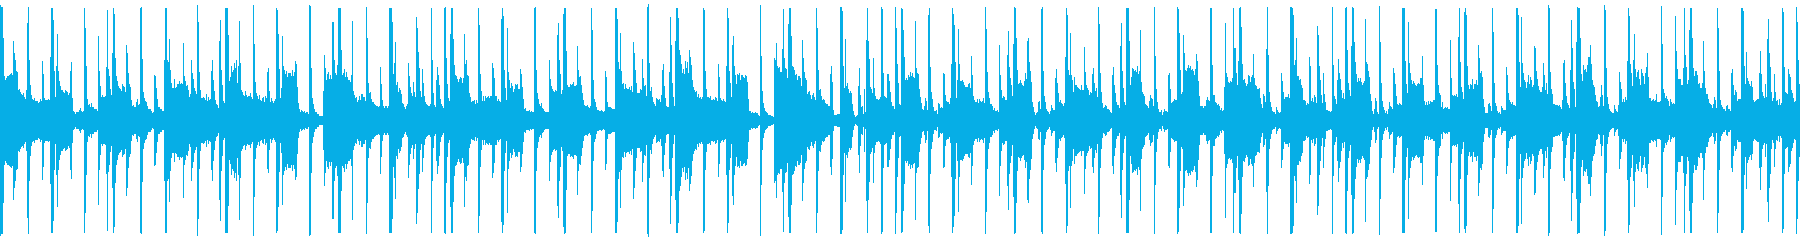 法人 ピアノ アンビエント エレク...の再生済みの波形